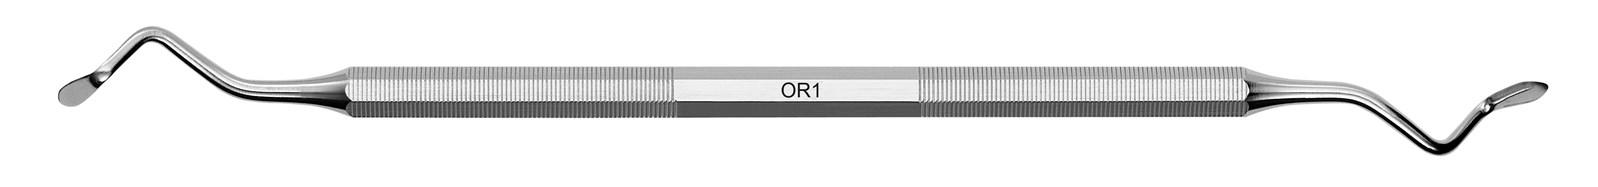 Oboustranný parodontální nůž Orban - OR1, ADEP tmavě modrý